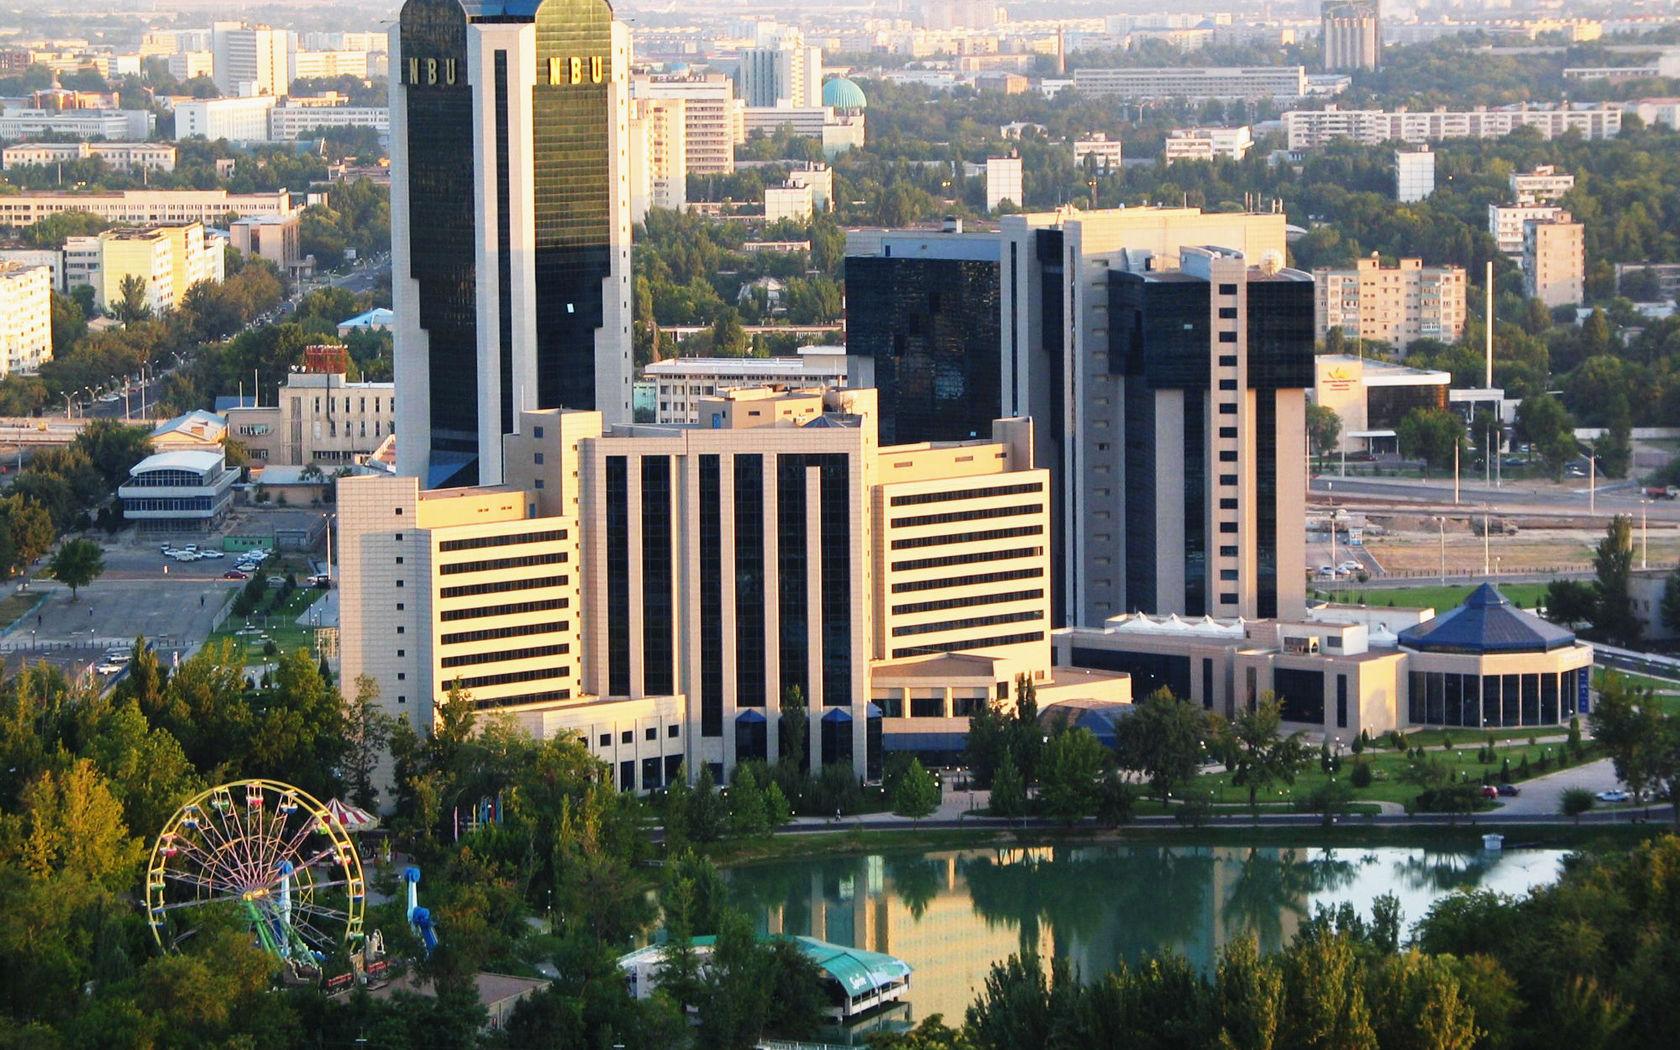 ташкент узбекистан фото